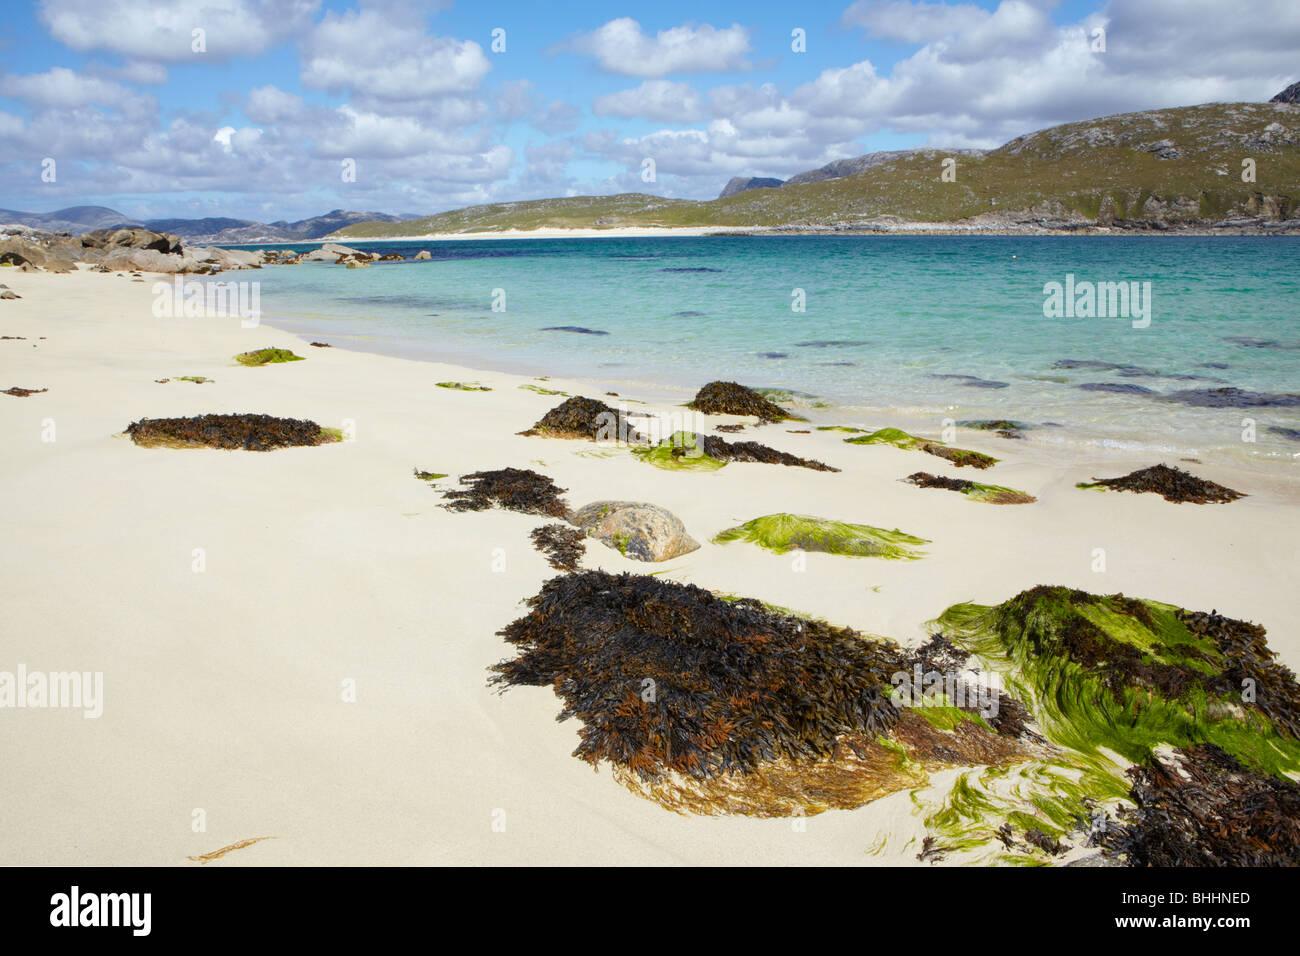 View across the Kyle of Scarp to mainland Harris, Scotland - Stock Image